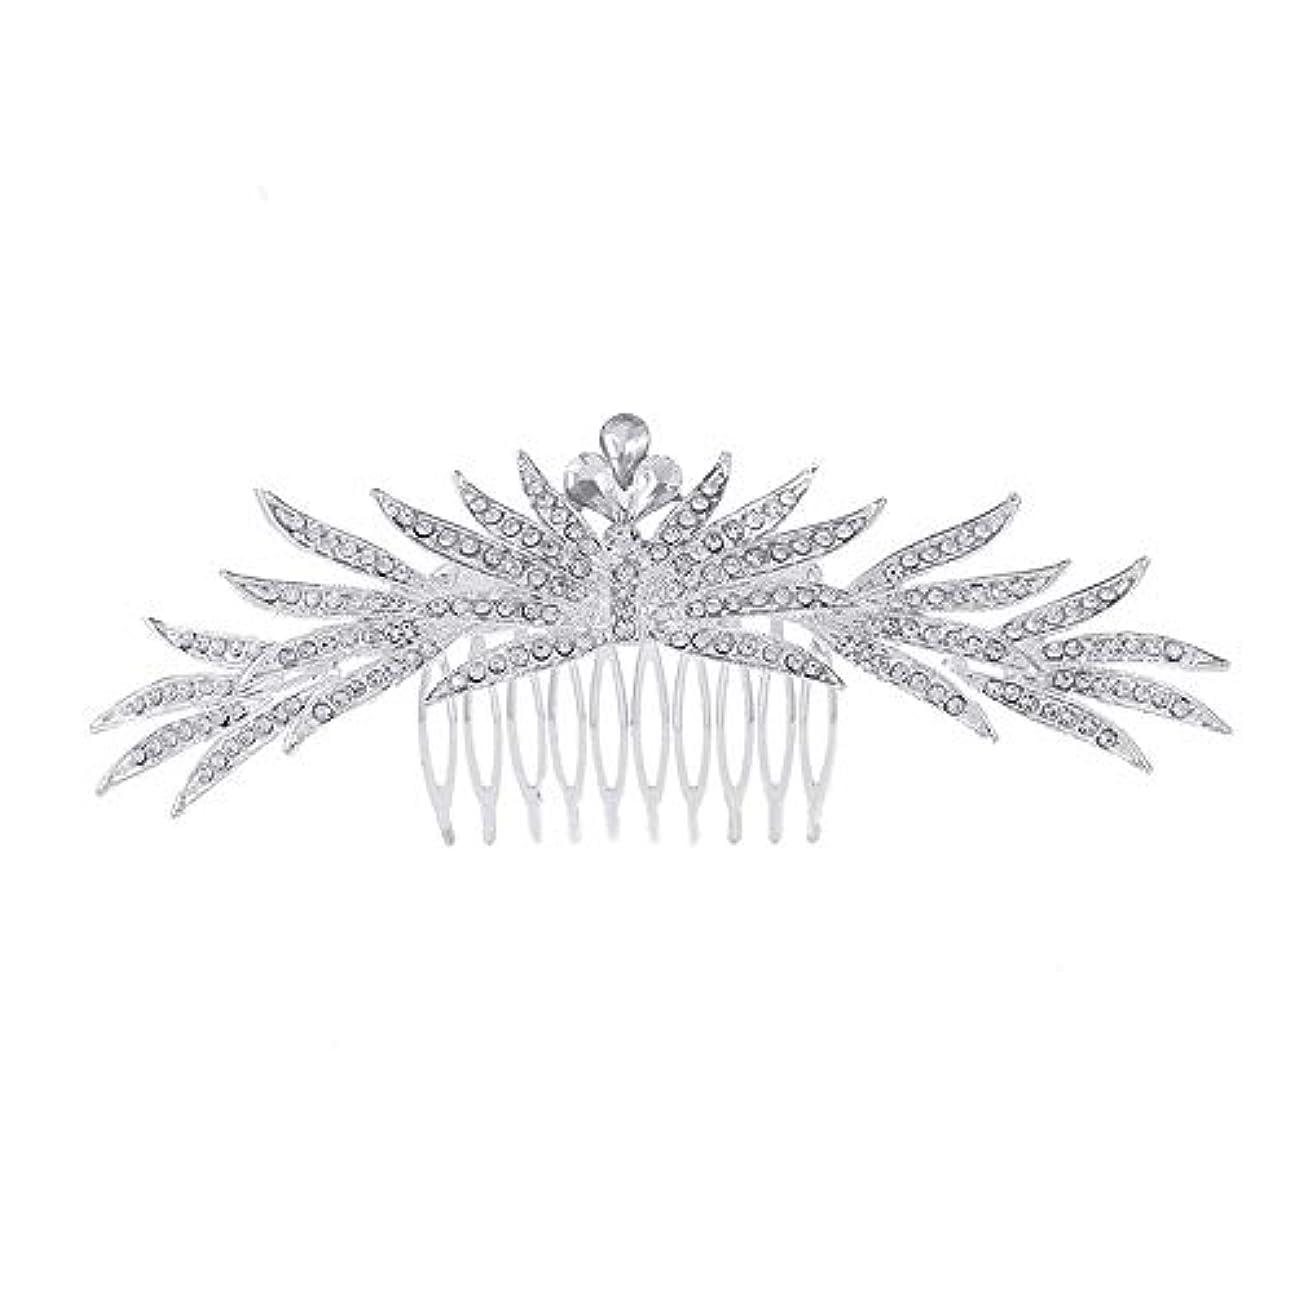 倒錯依存支援髪の櫛の櫛の櫛花嫁の髪の櫛ラインストーンの櫛亜鉛合金ブライダルヘッドドレス結婚式のアクセサリー挿入櫛